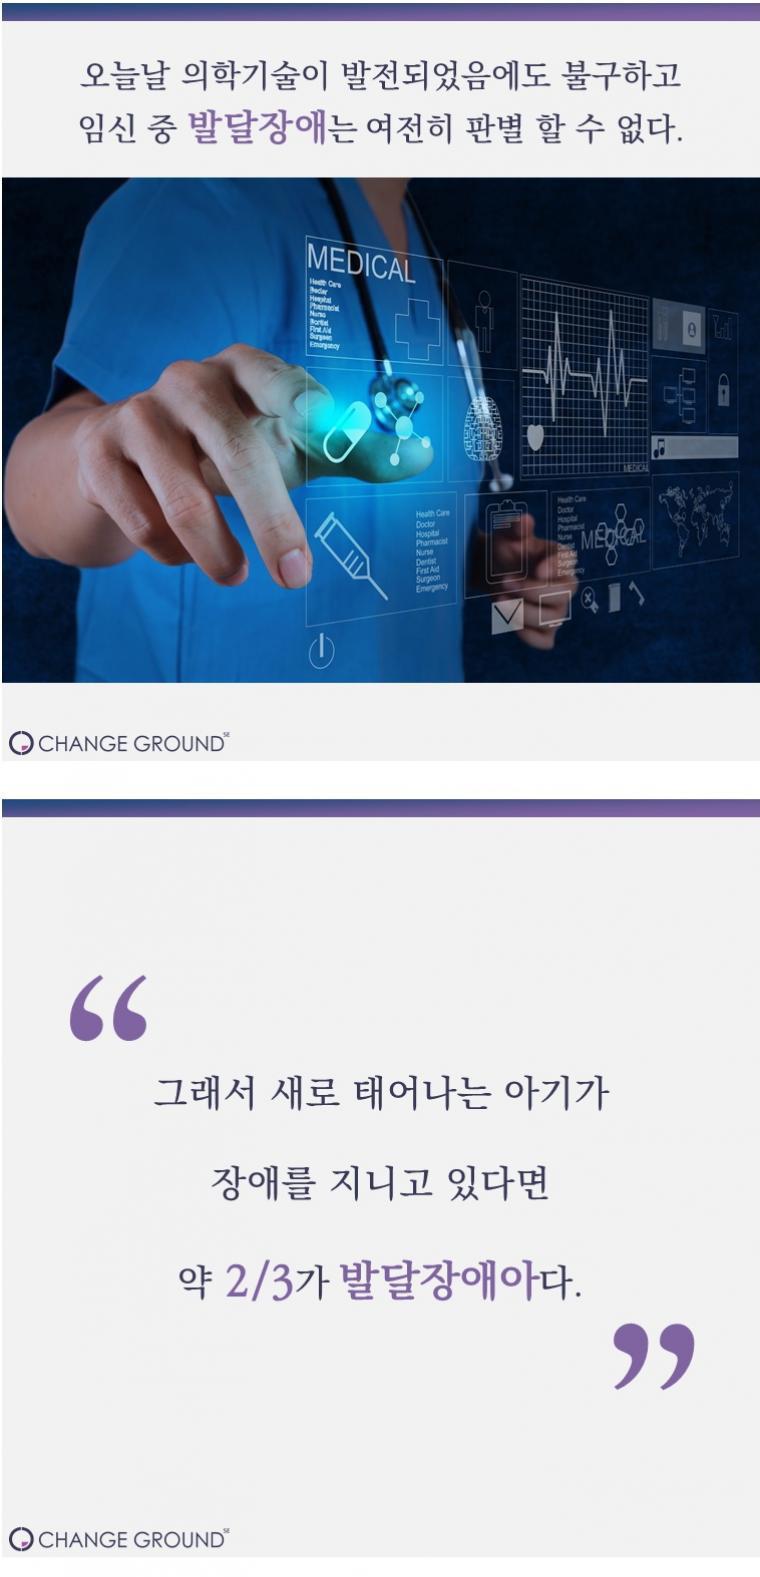 네이버 창립 멤버가 회사를 그만두고 한 일 - 꾸르